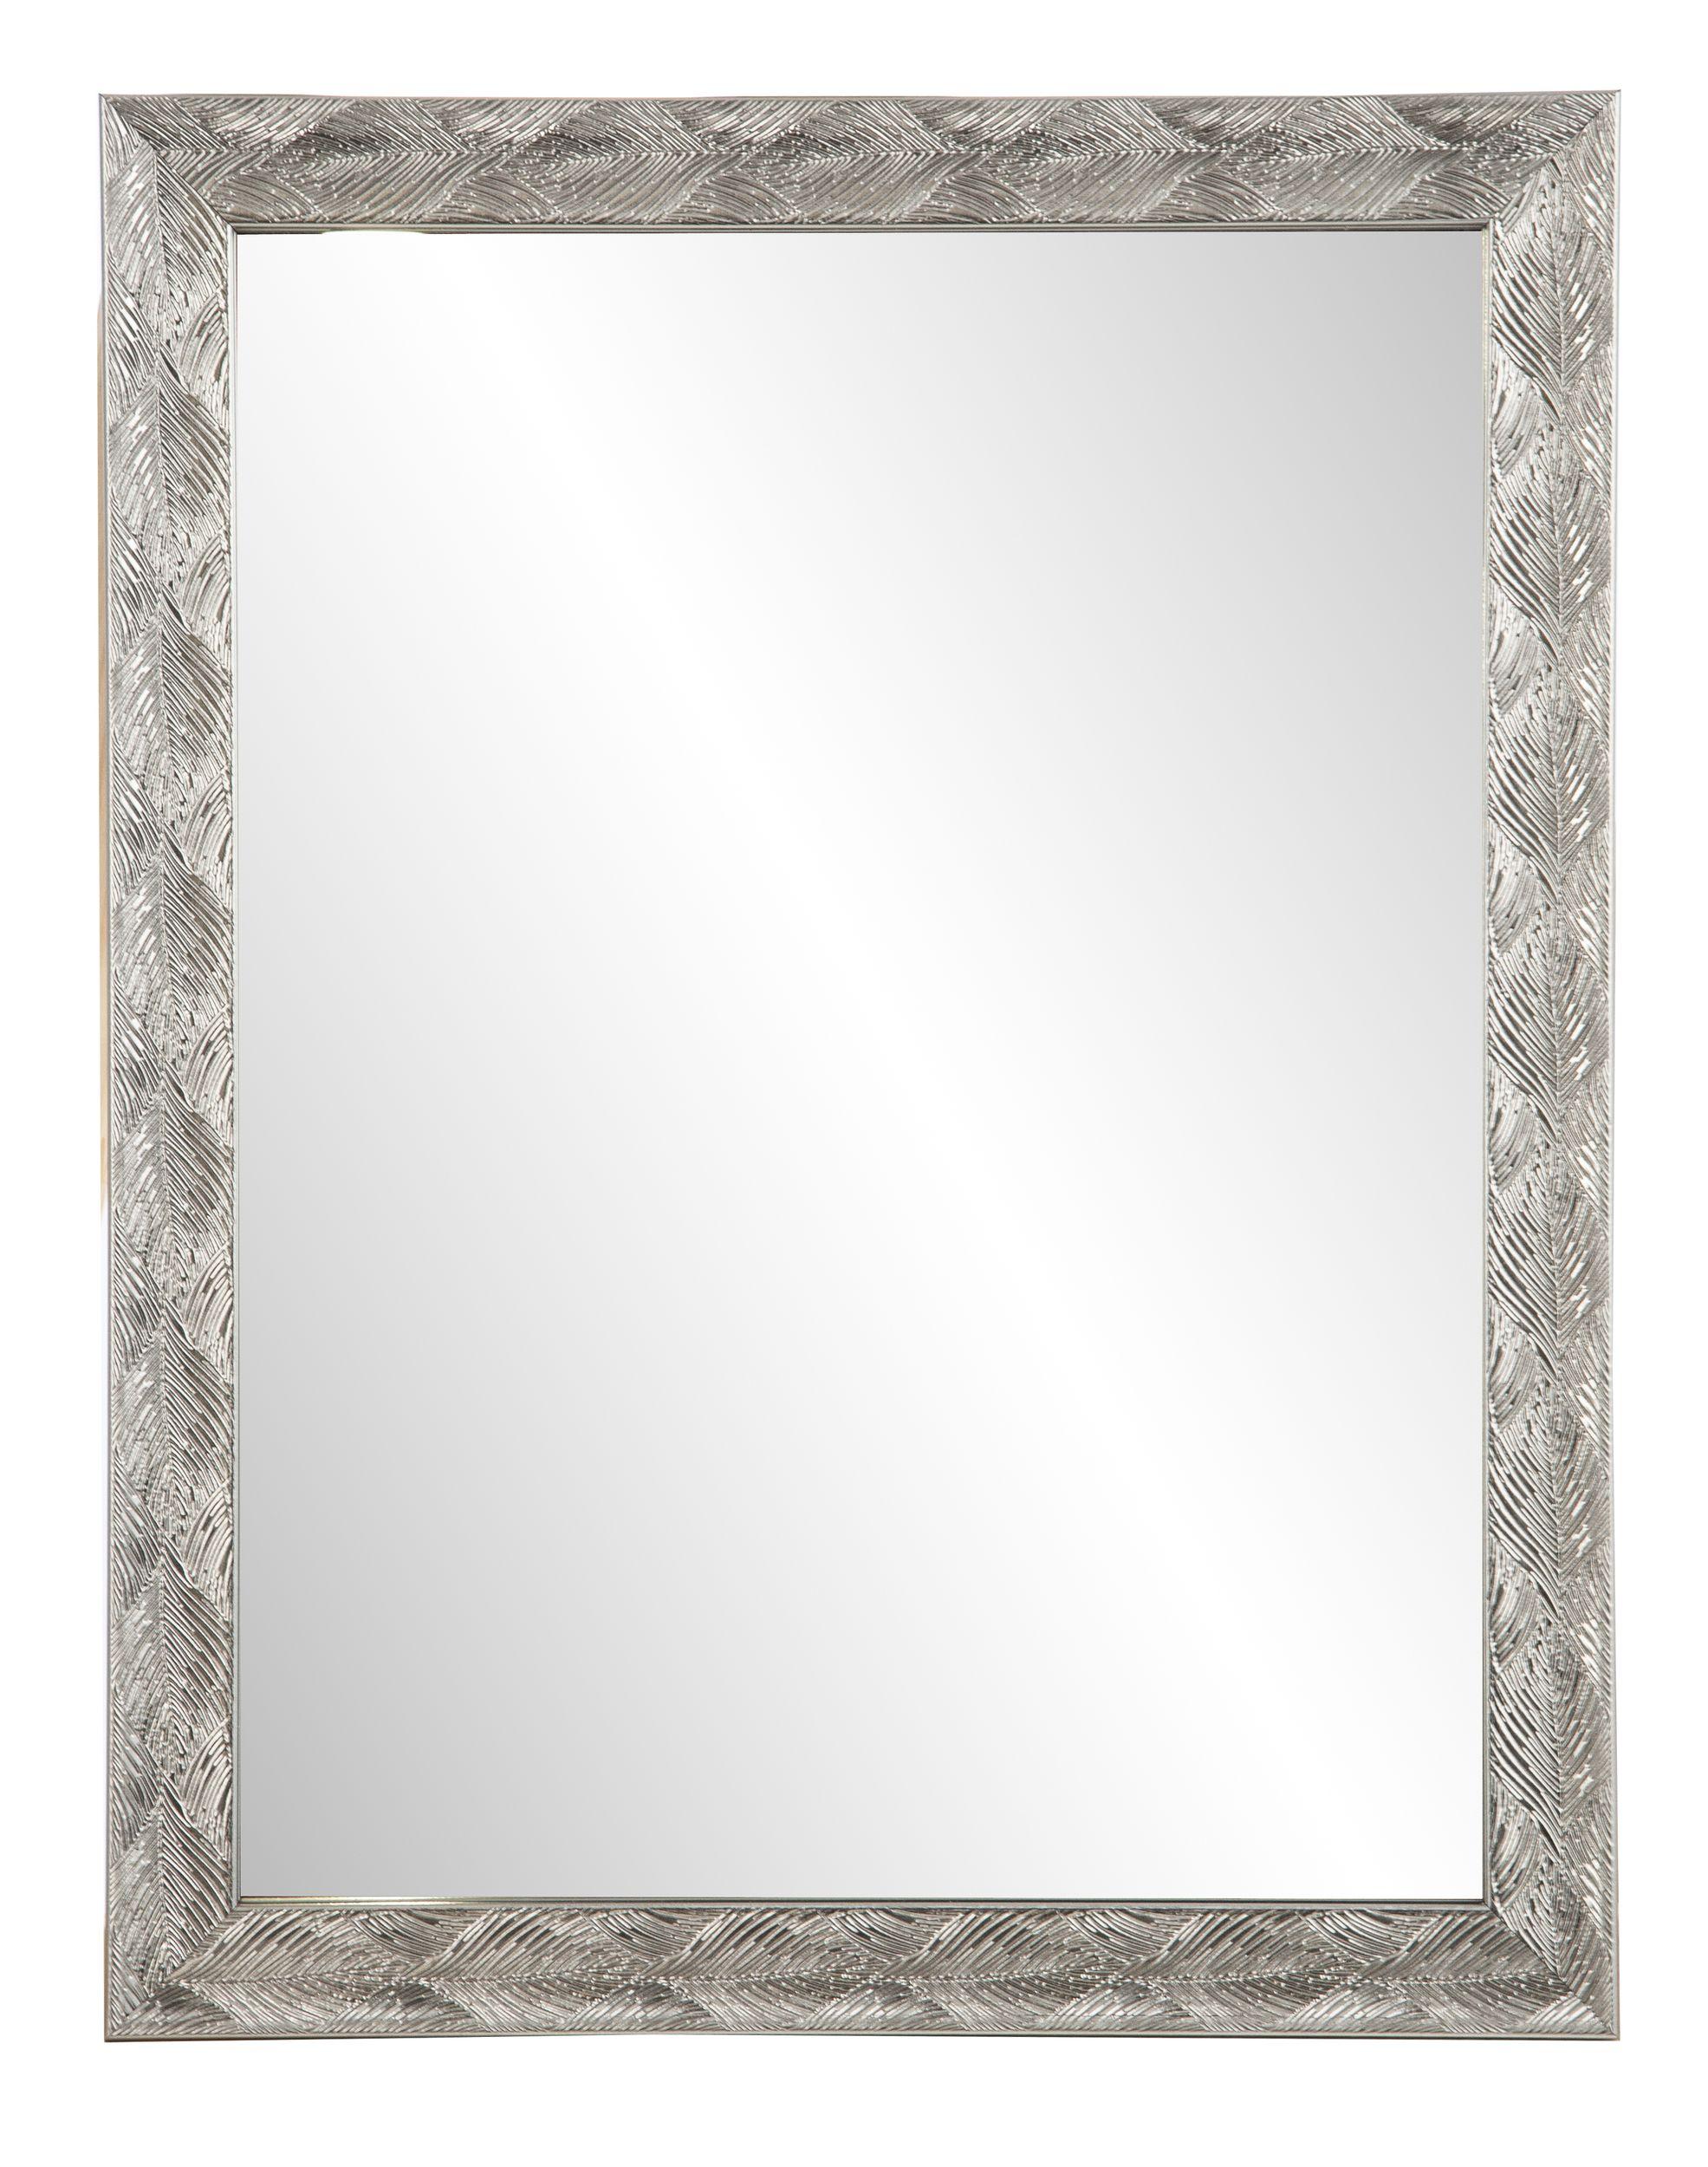 Rahmenspiegel 35x45cm MILENA